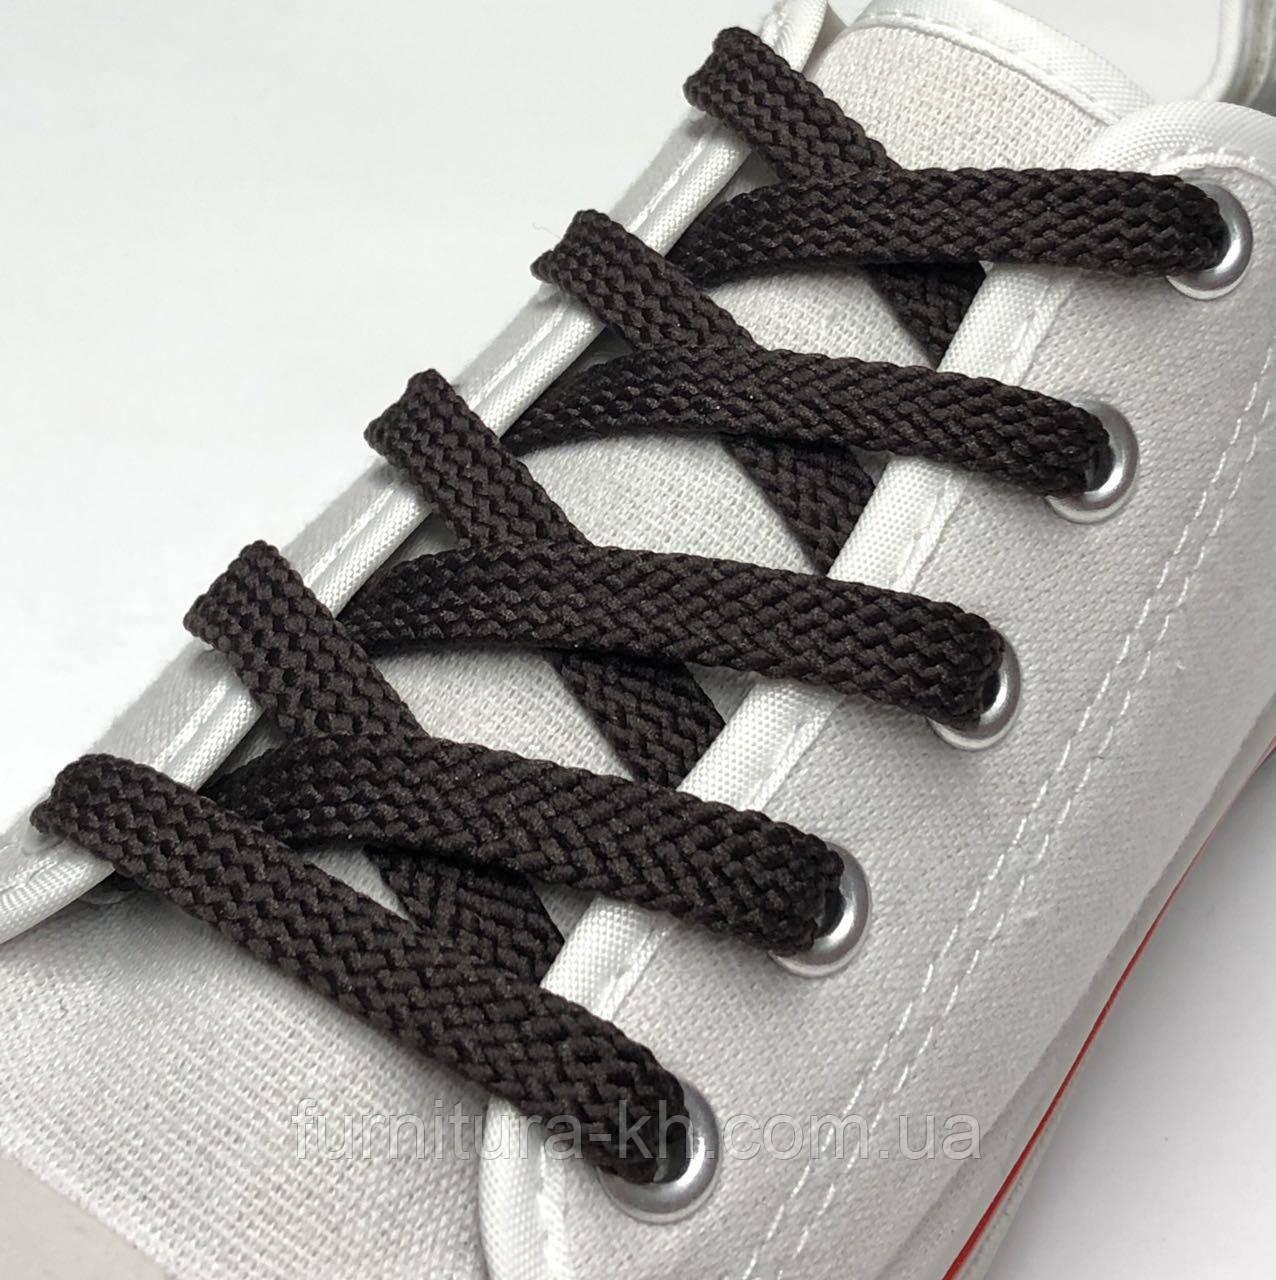 Шнурок Простой Плоский Длинна 0,70 см  цвет Темно Коричневый (ширина 7 мм)